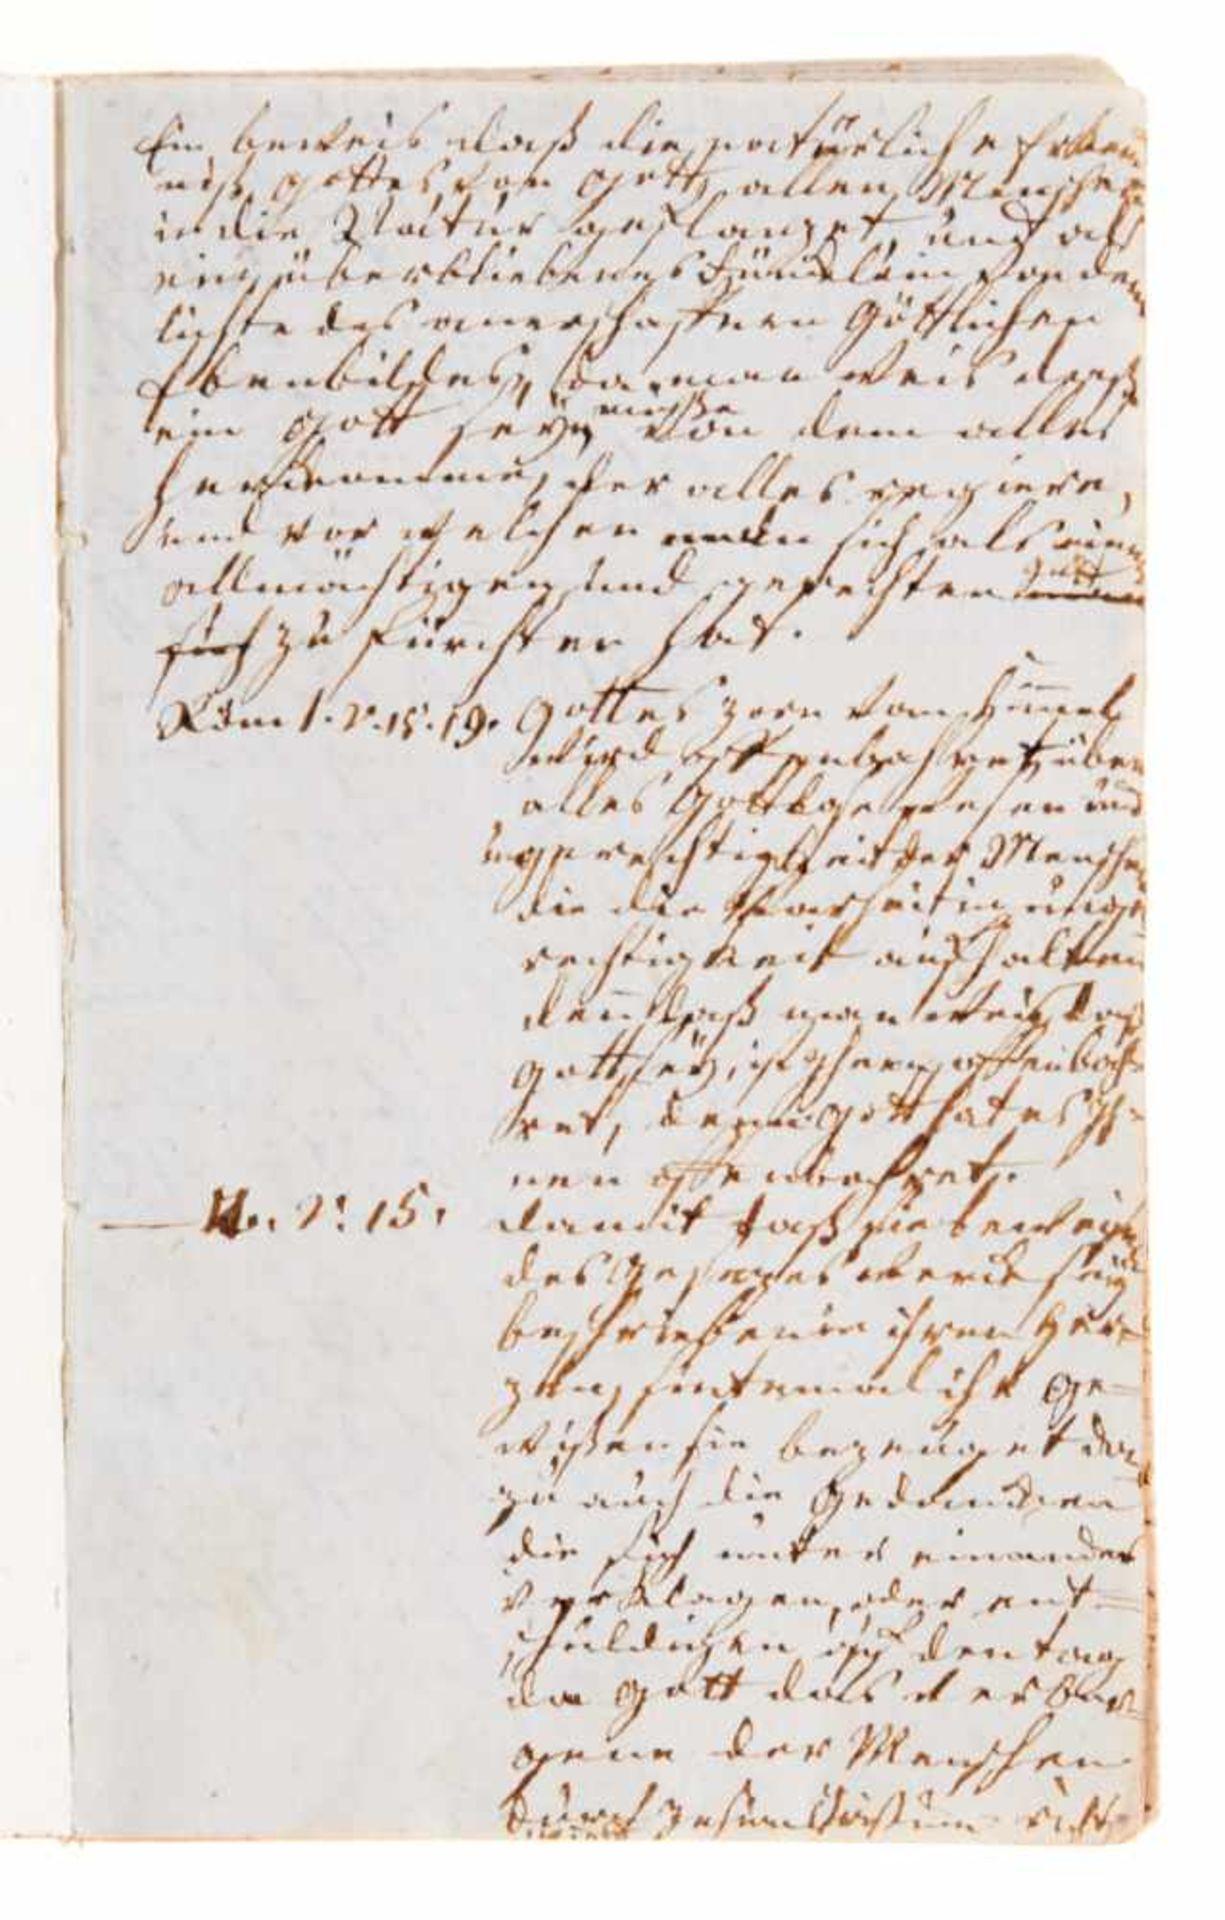 Religiöse Unterweisung- Manuskript aus dem theologischen Unterricht der JulianeMarie von - Bild 2 aus 3